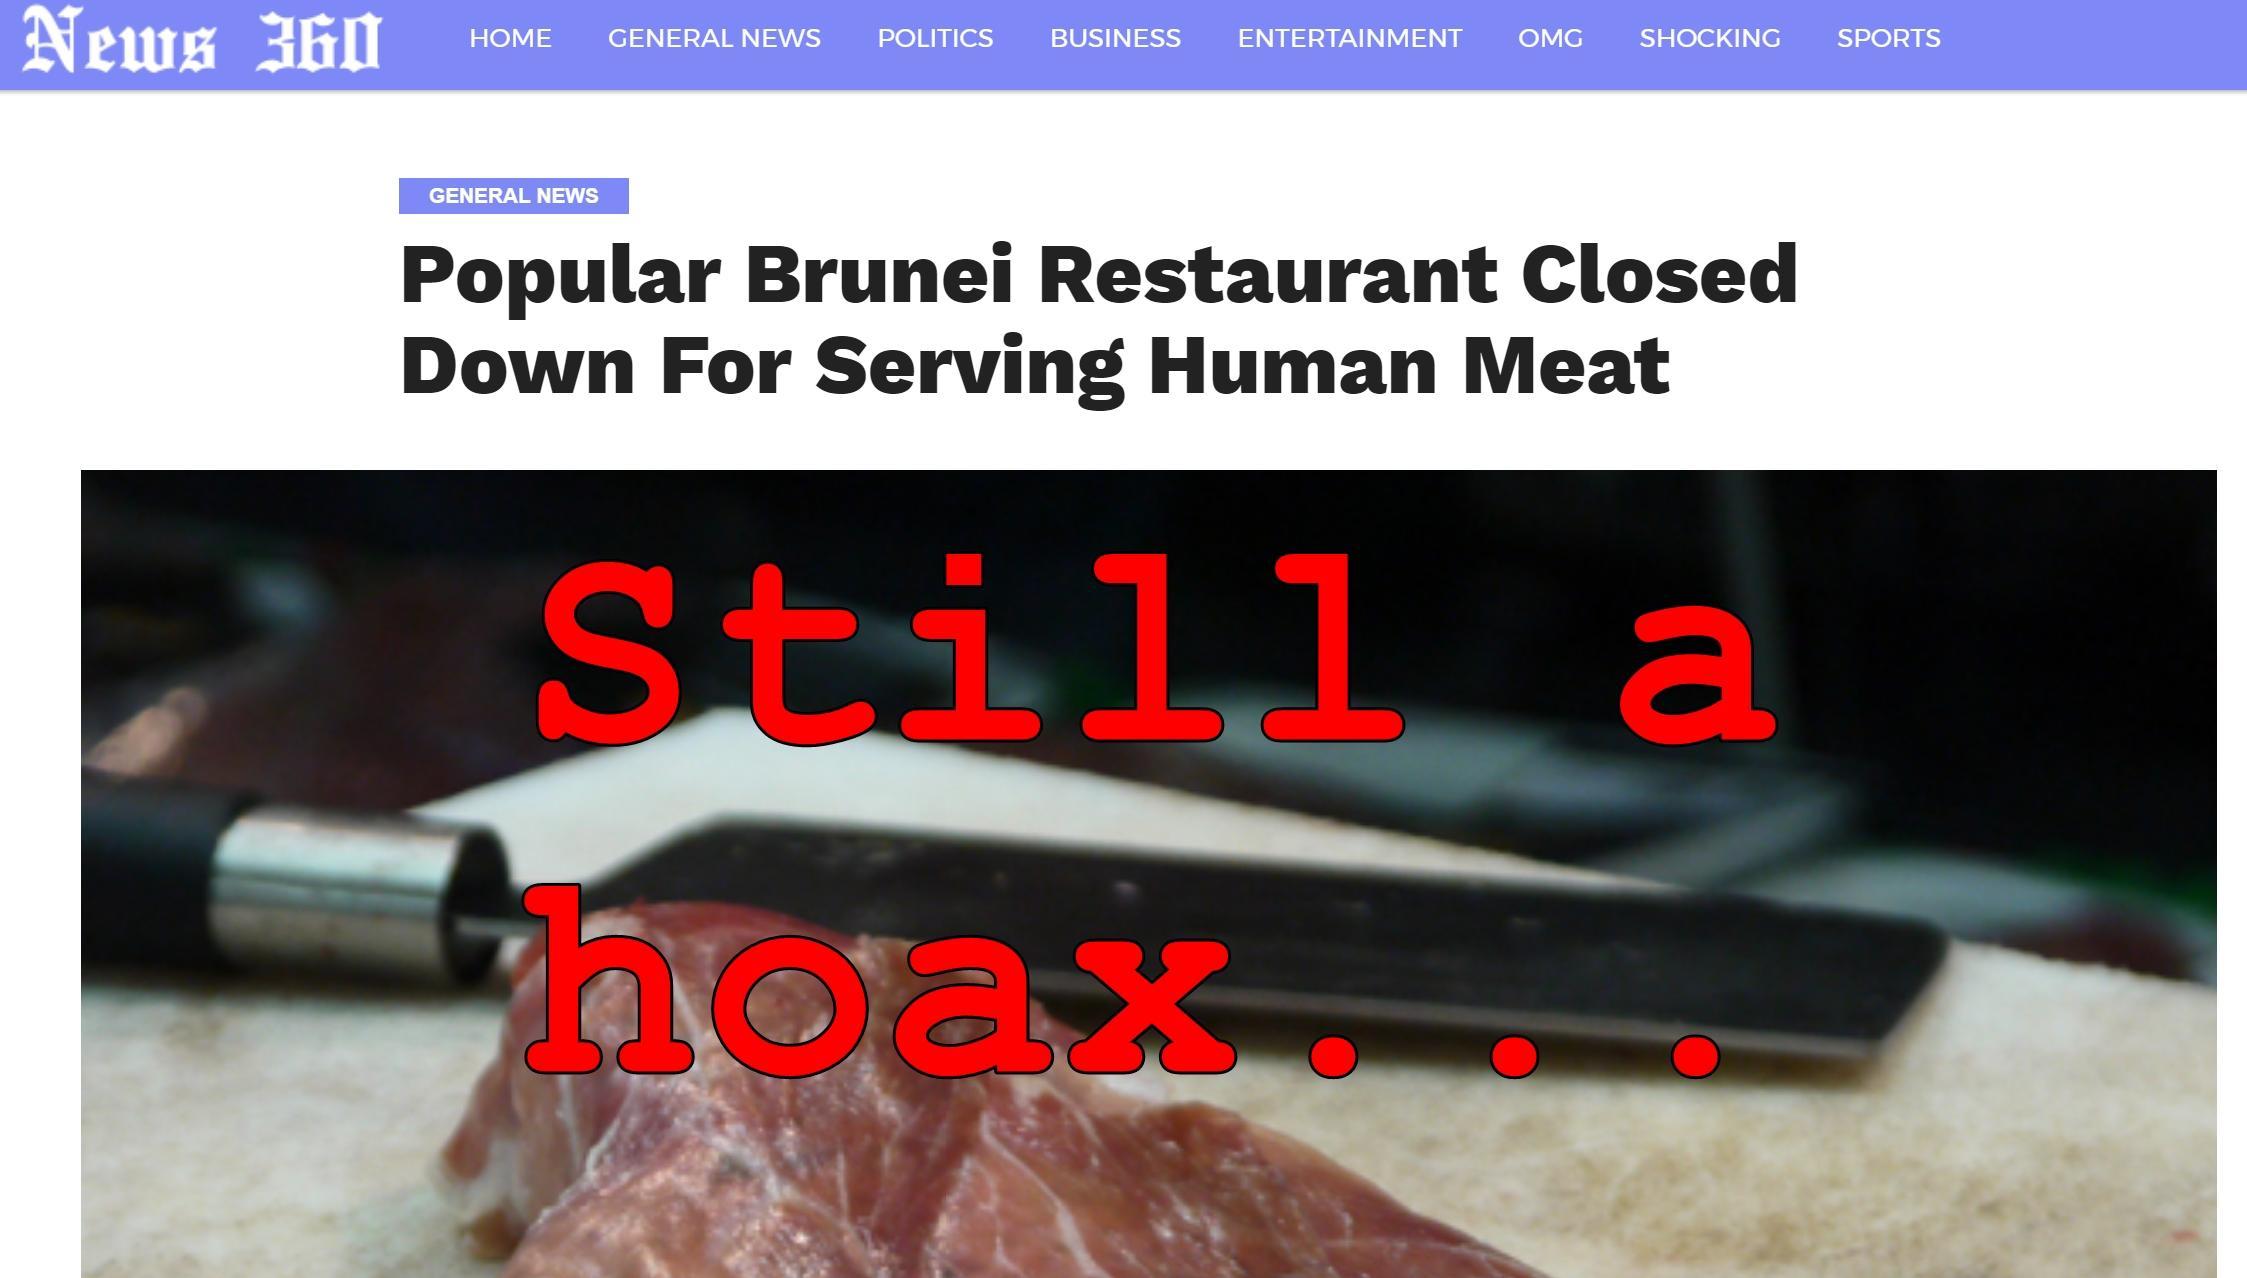 Fake News: Popular Brunei Restaurant NOT Shut Down For Serving Human Flesh